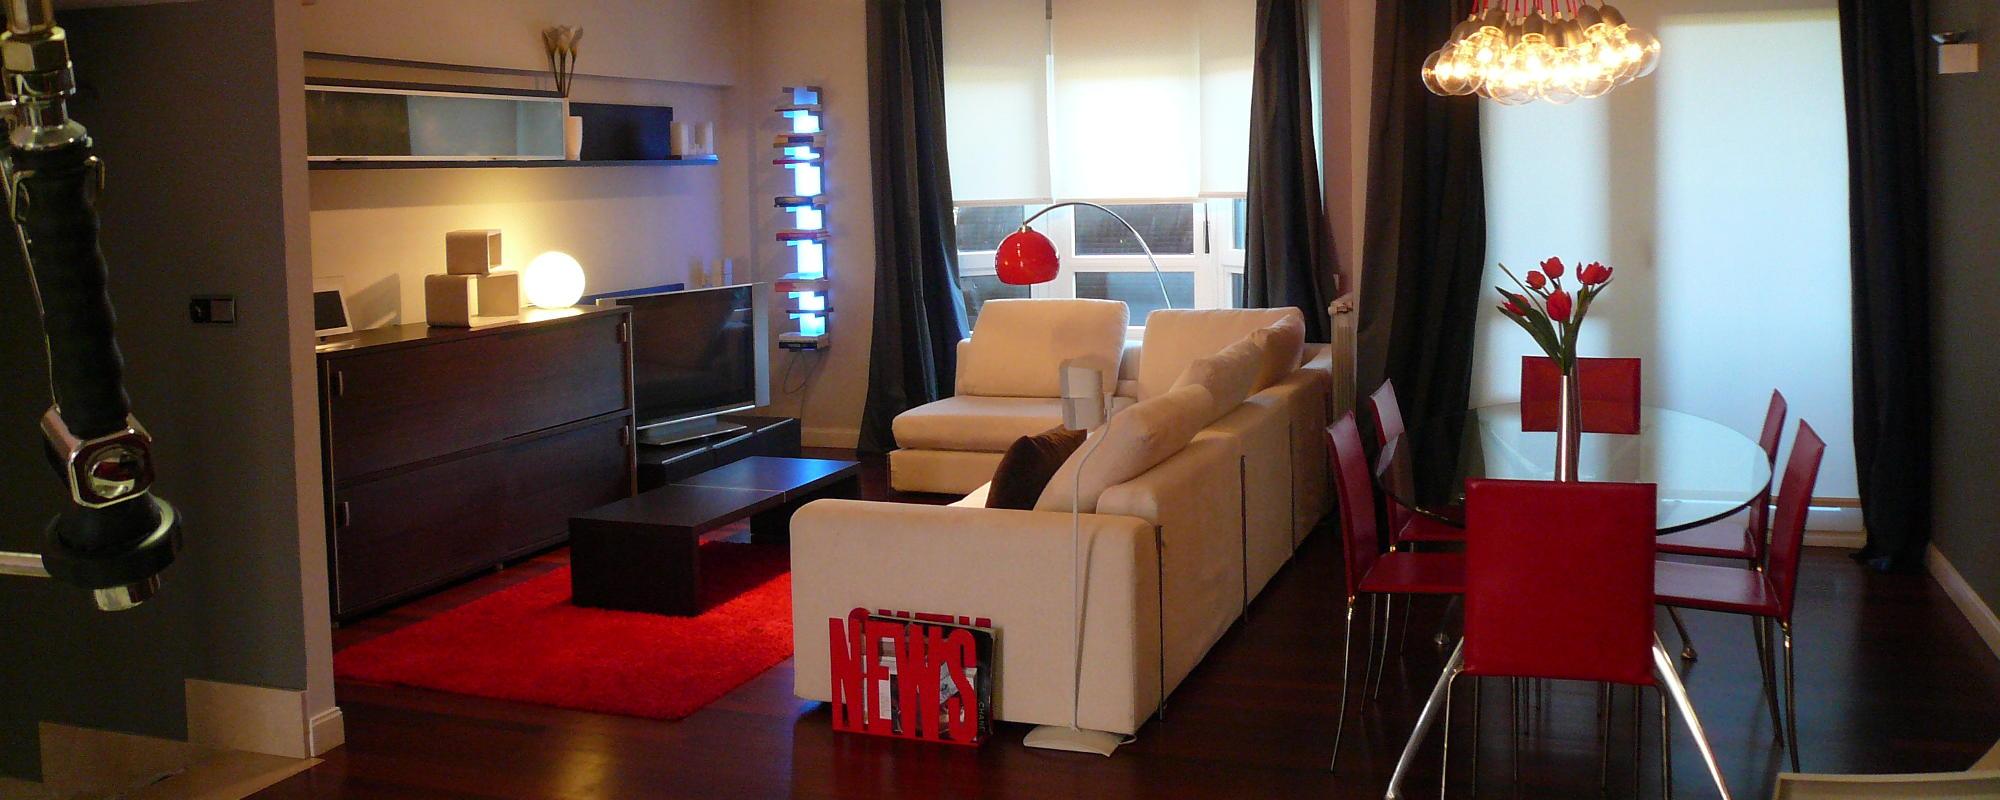 Encuentra la vivienda perfecta al mejor precio